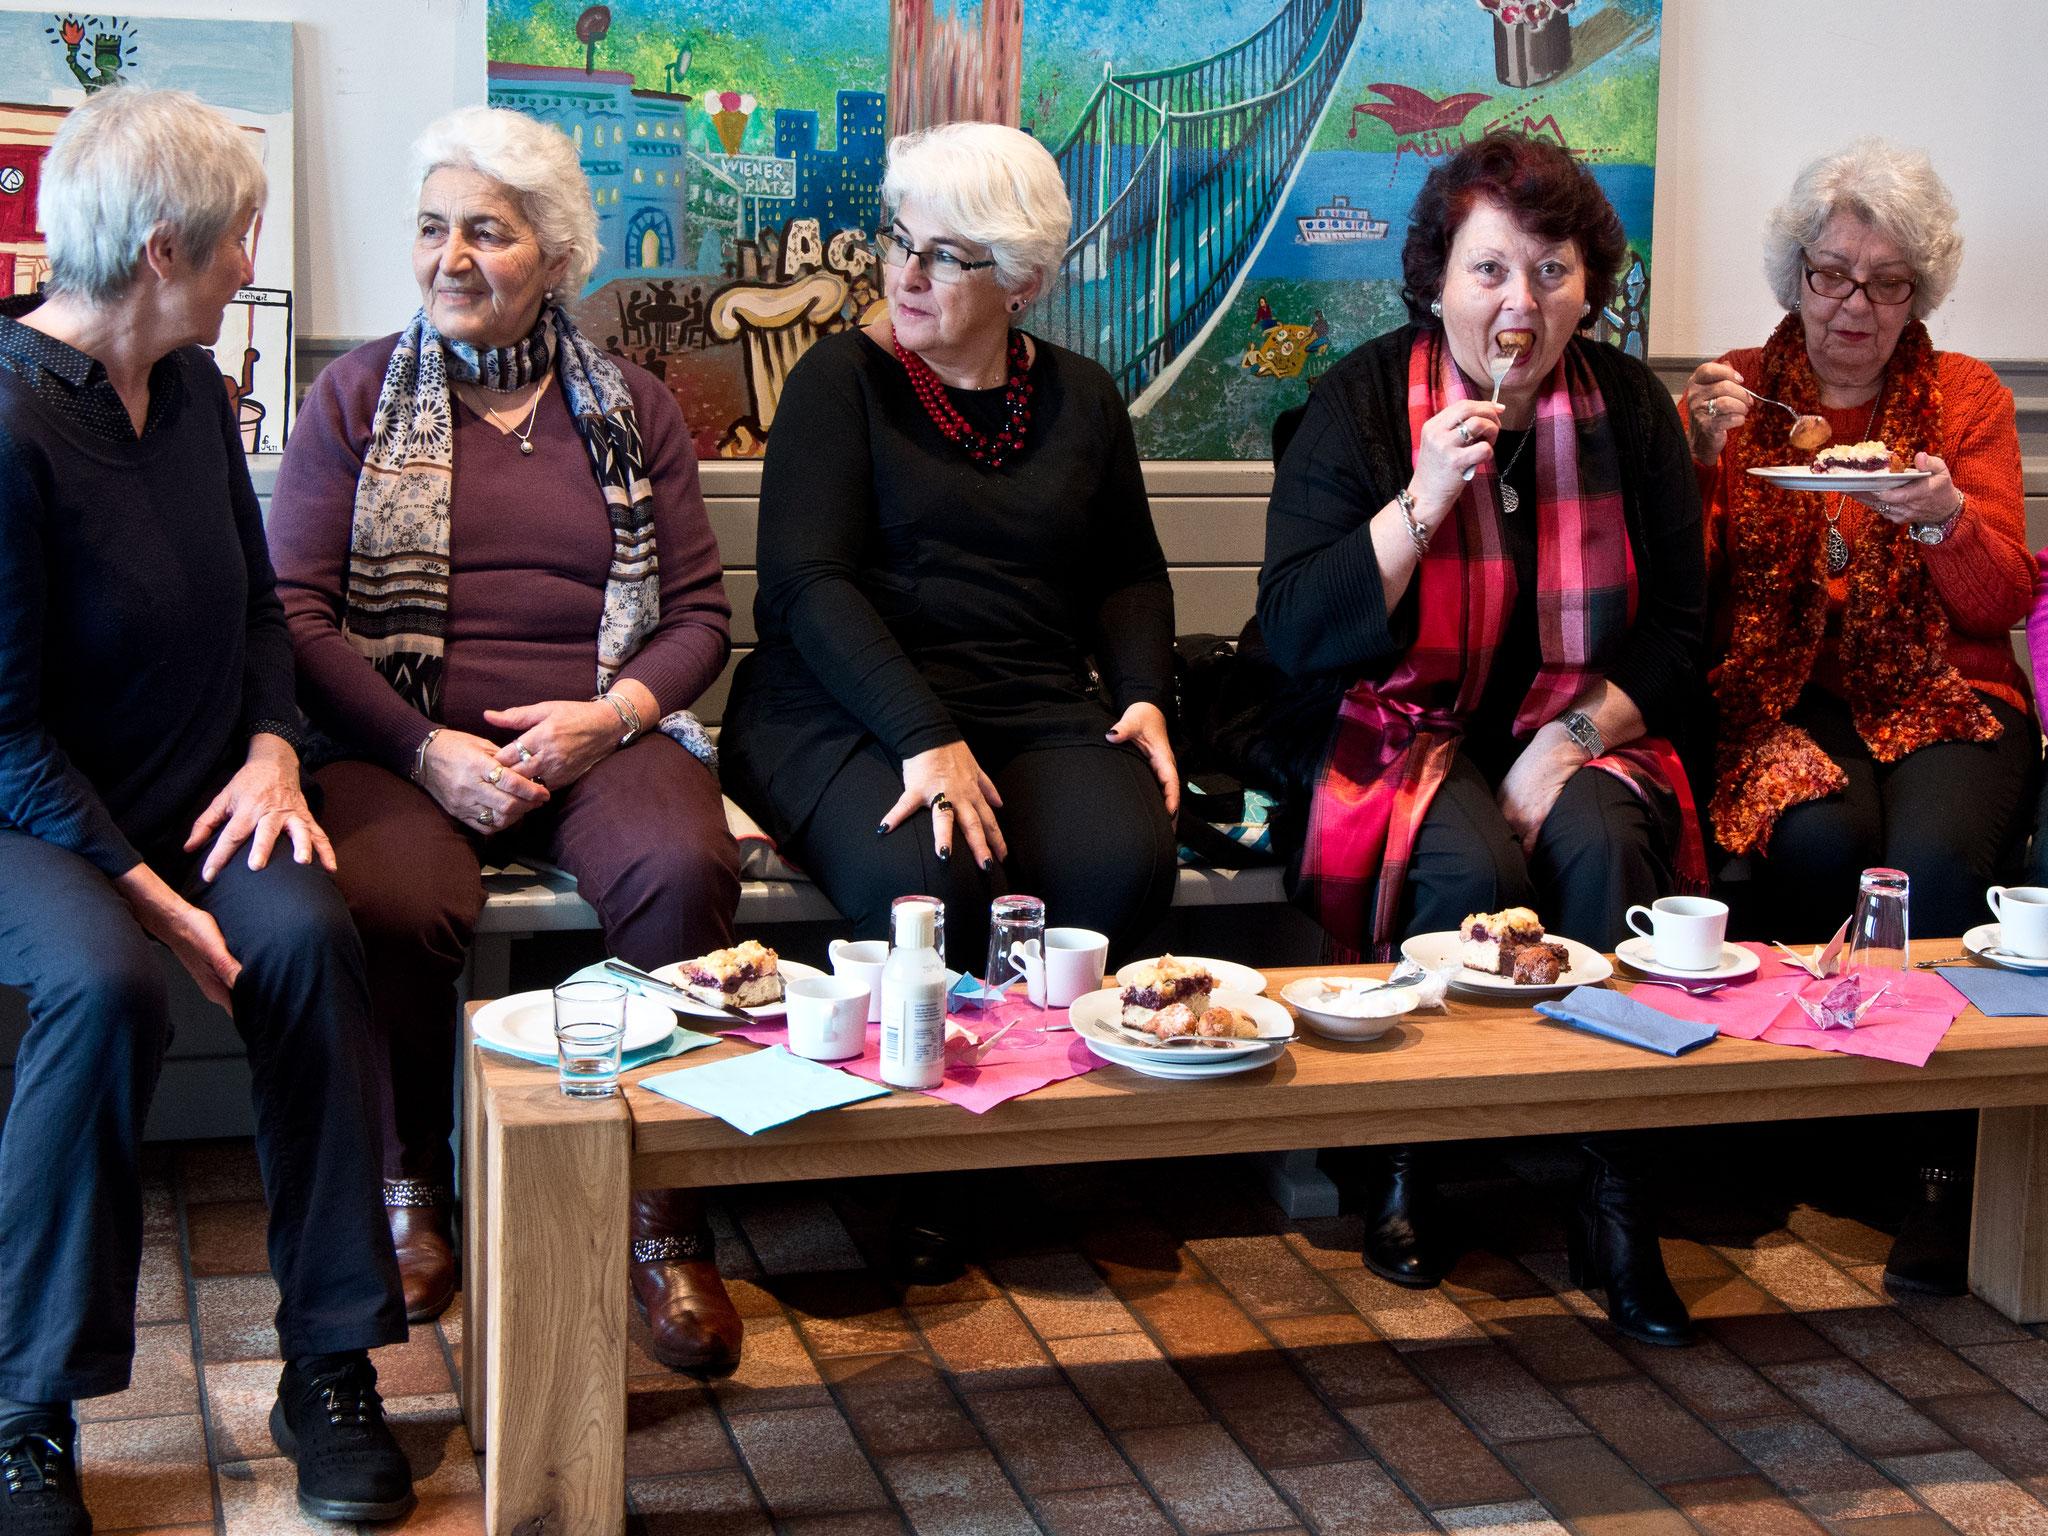 Angeregte Unterhaltung und leckeres Essen ließen sich gut miteinander vereinbaren. Foto: Irmhild Engels